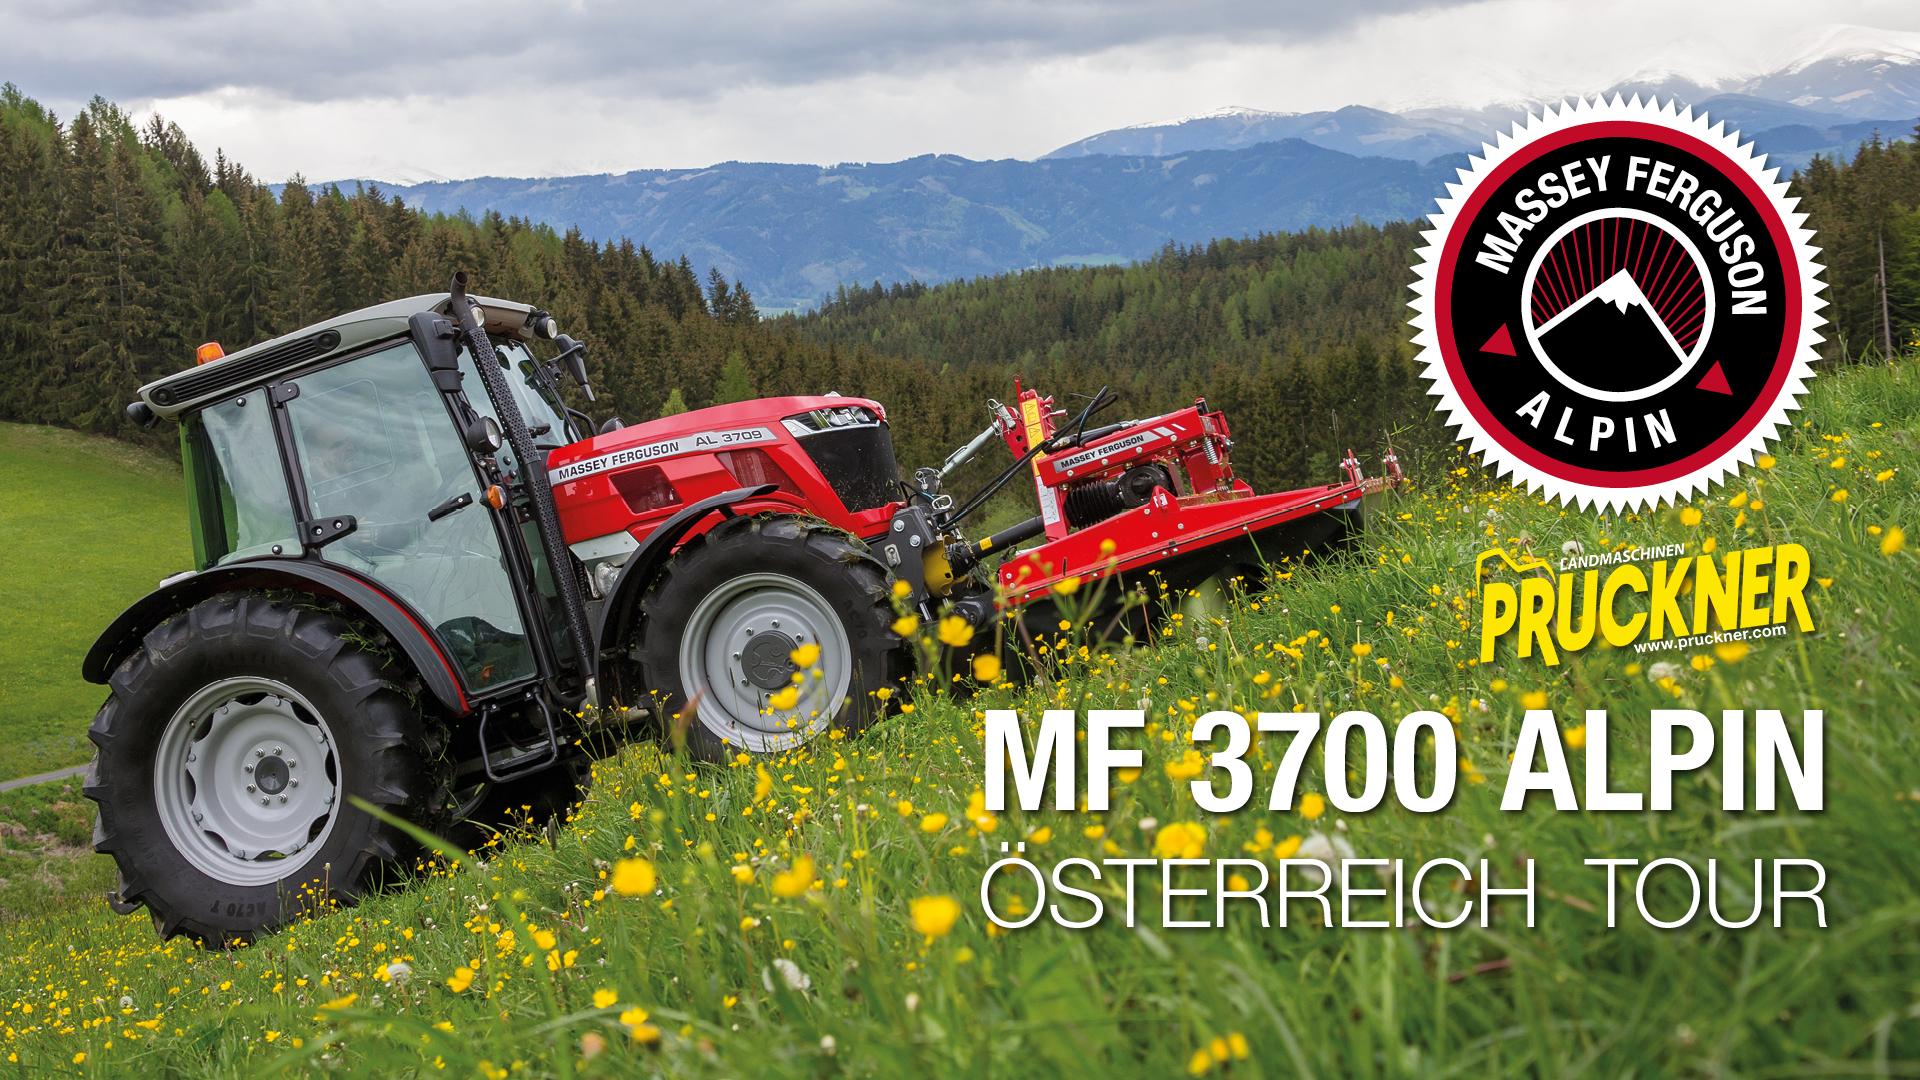 MF 3700 ALPIN Österreich Tour